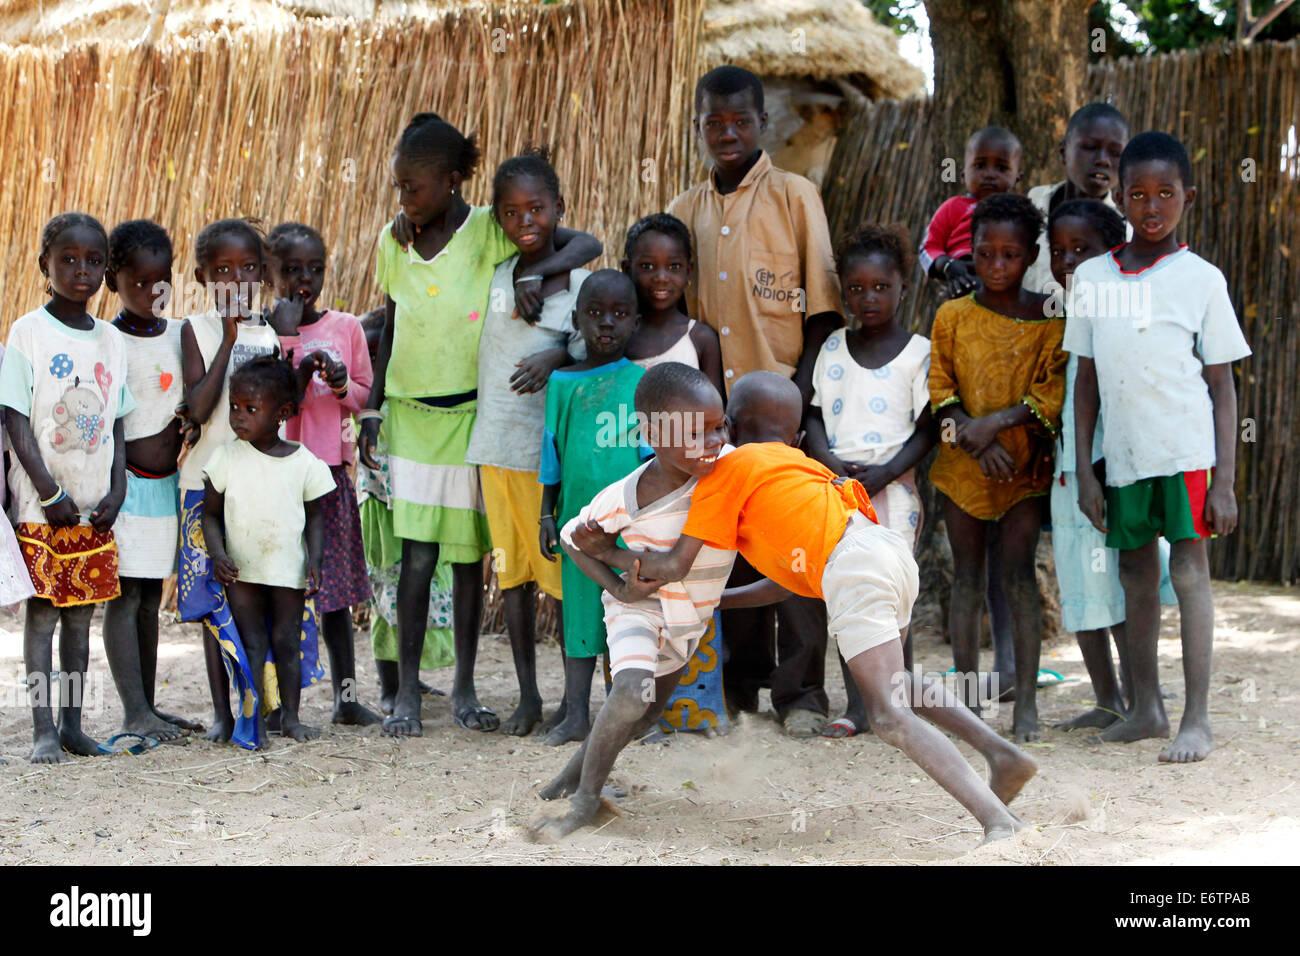 Les enfants effectuer un match de lutte. La lutte est le sport national. Sénégal, Afrique Photo Stock